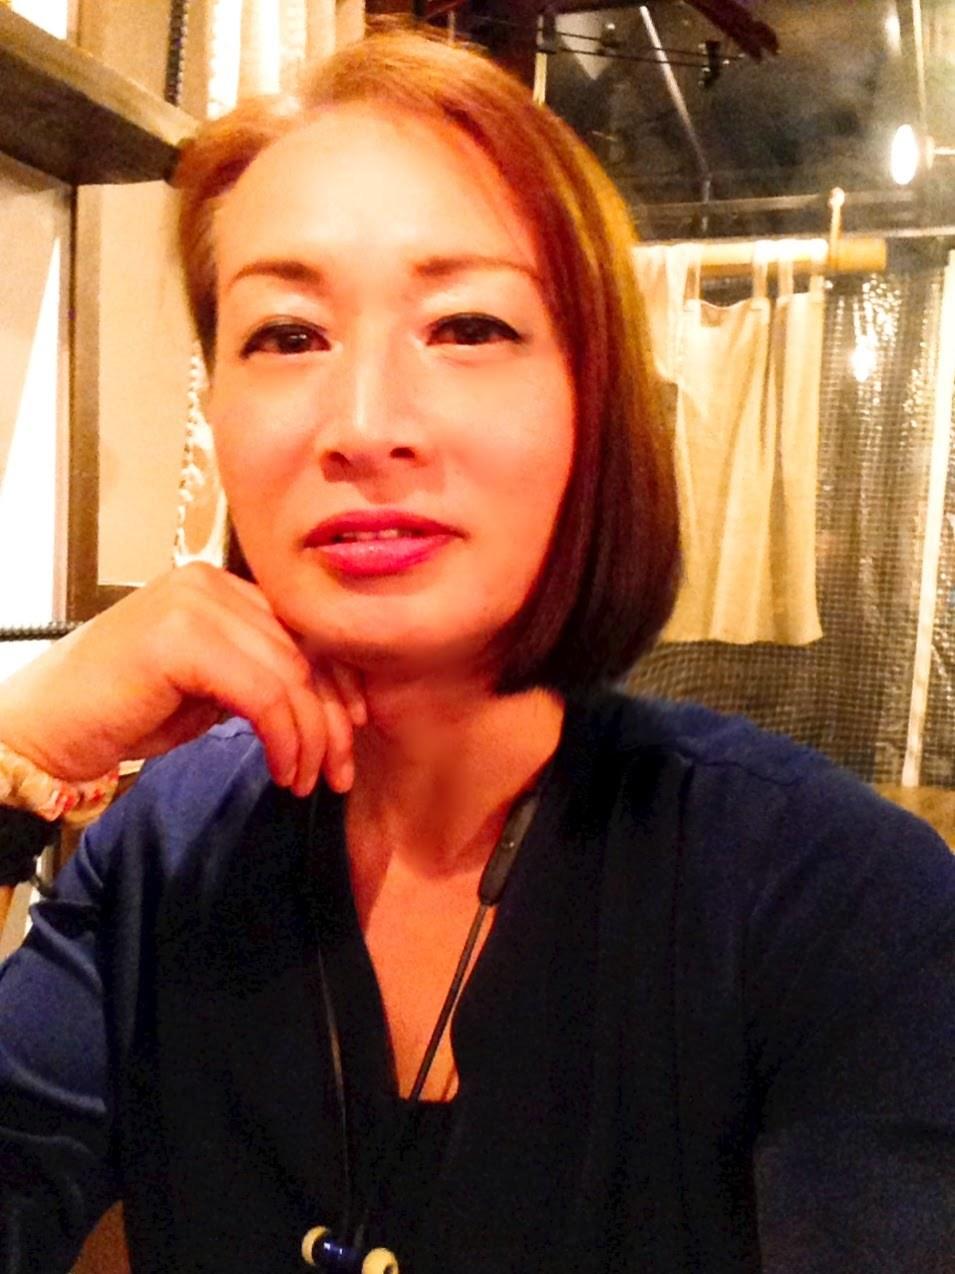 熟女NHヘルス孃・レディー舞の袖振り合うも他生の縁|今日[平成30年4月1日(日)]から一週間栃木県小山で営業いたします